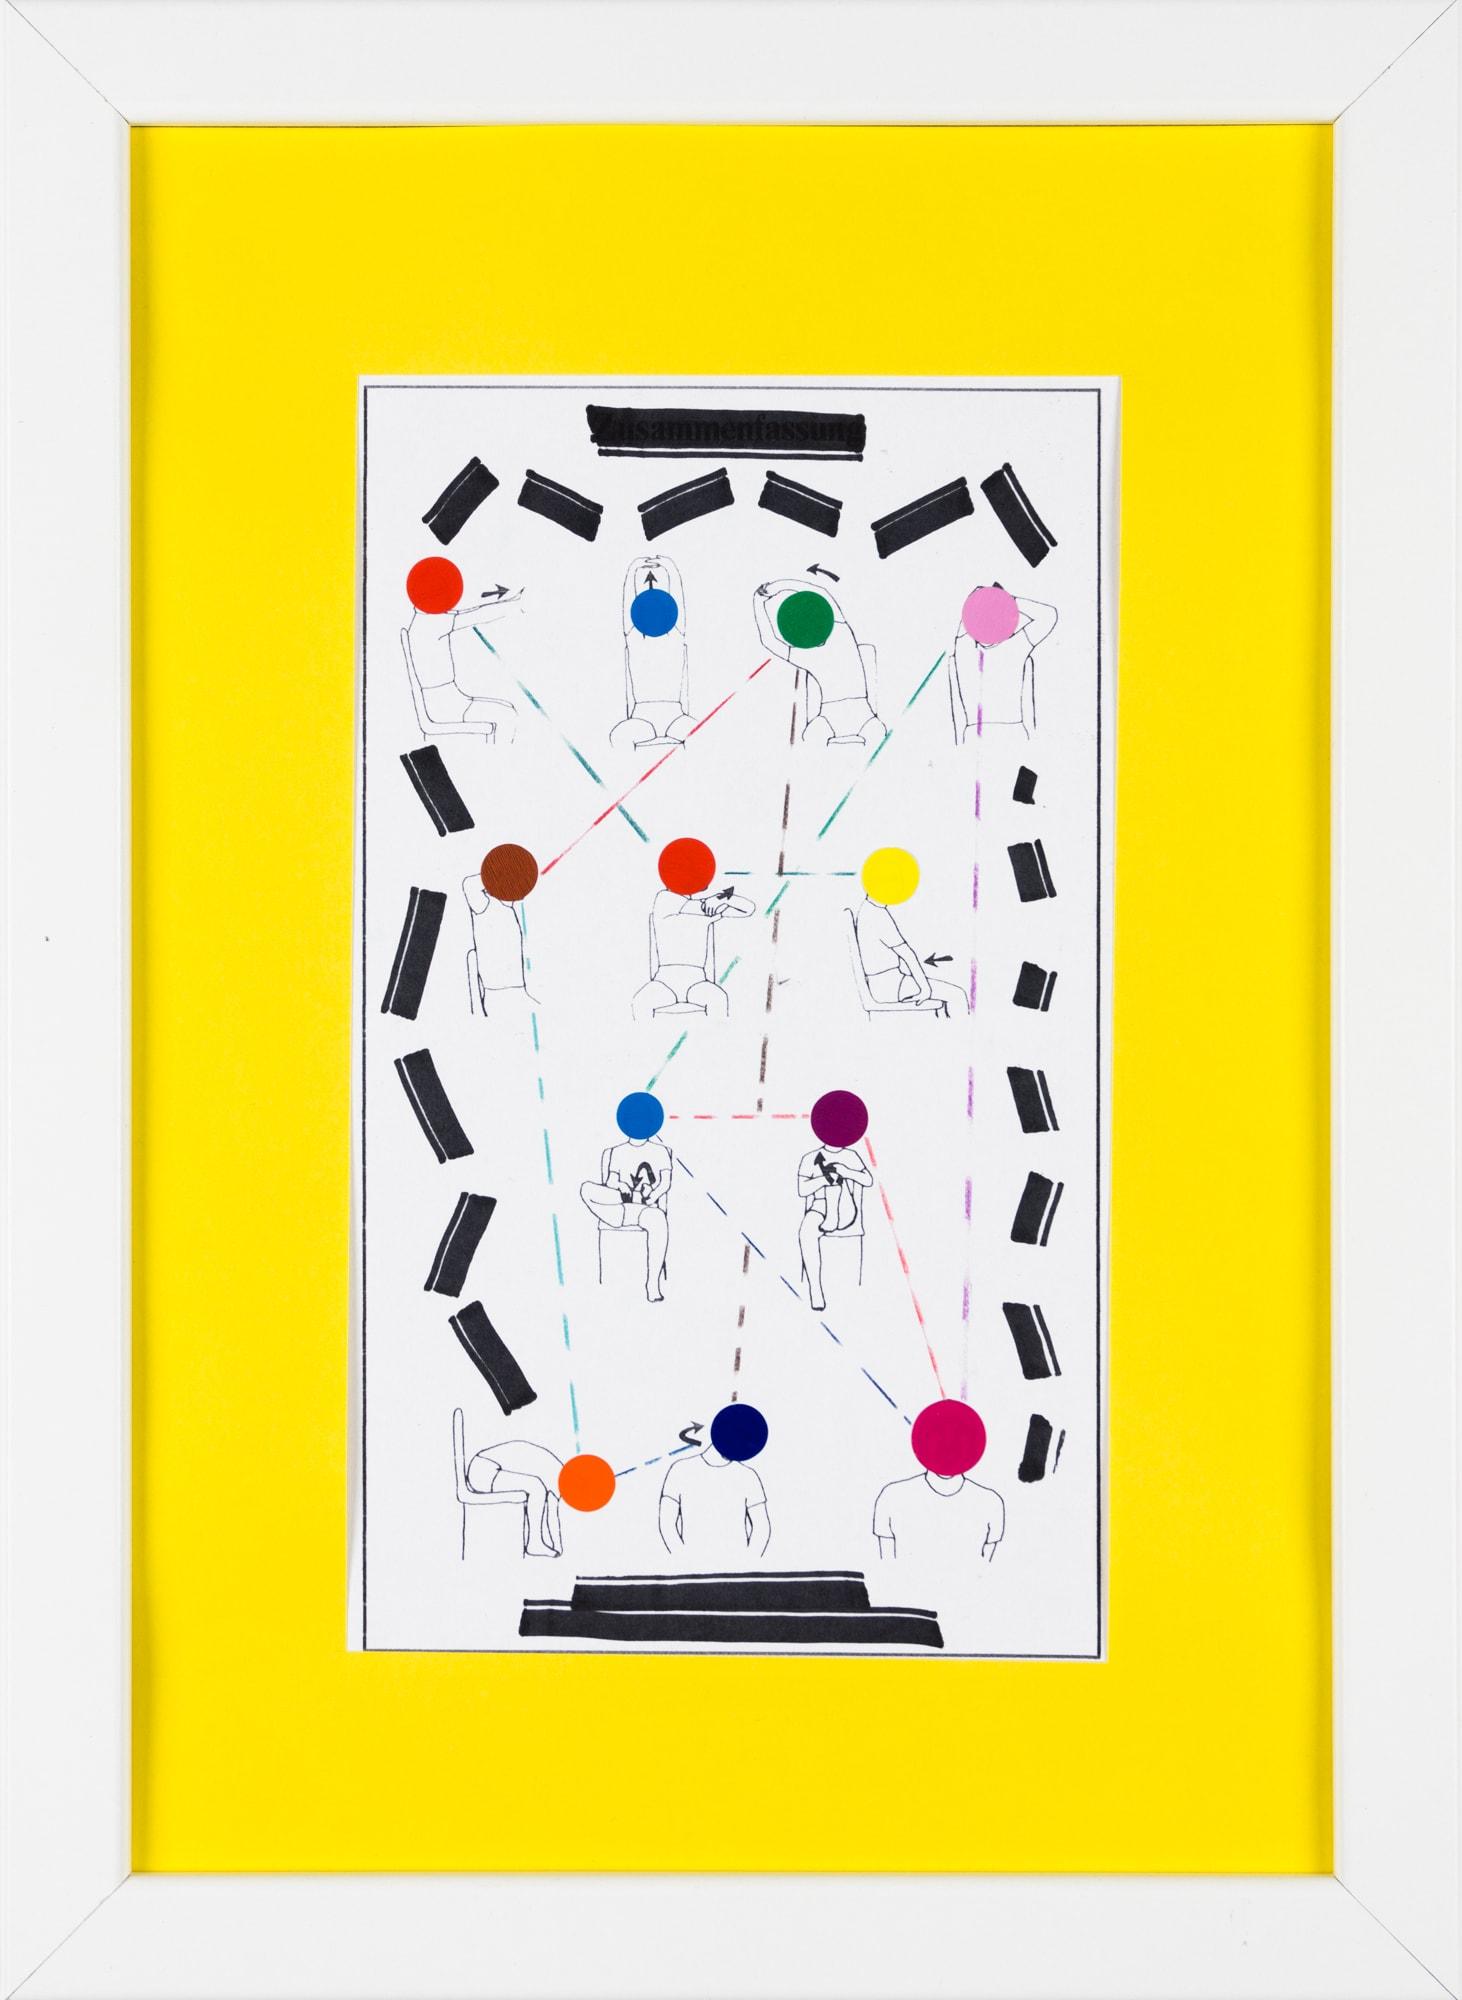 Übermalung und Mischtechnik auf Papier, 12,6x21,3cm, Originalgrafik zum gleichnamigen Booklet, Künstlerin: Franziska King